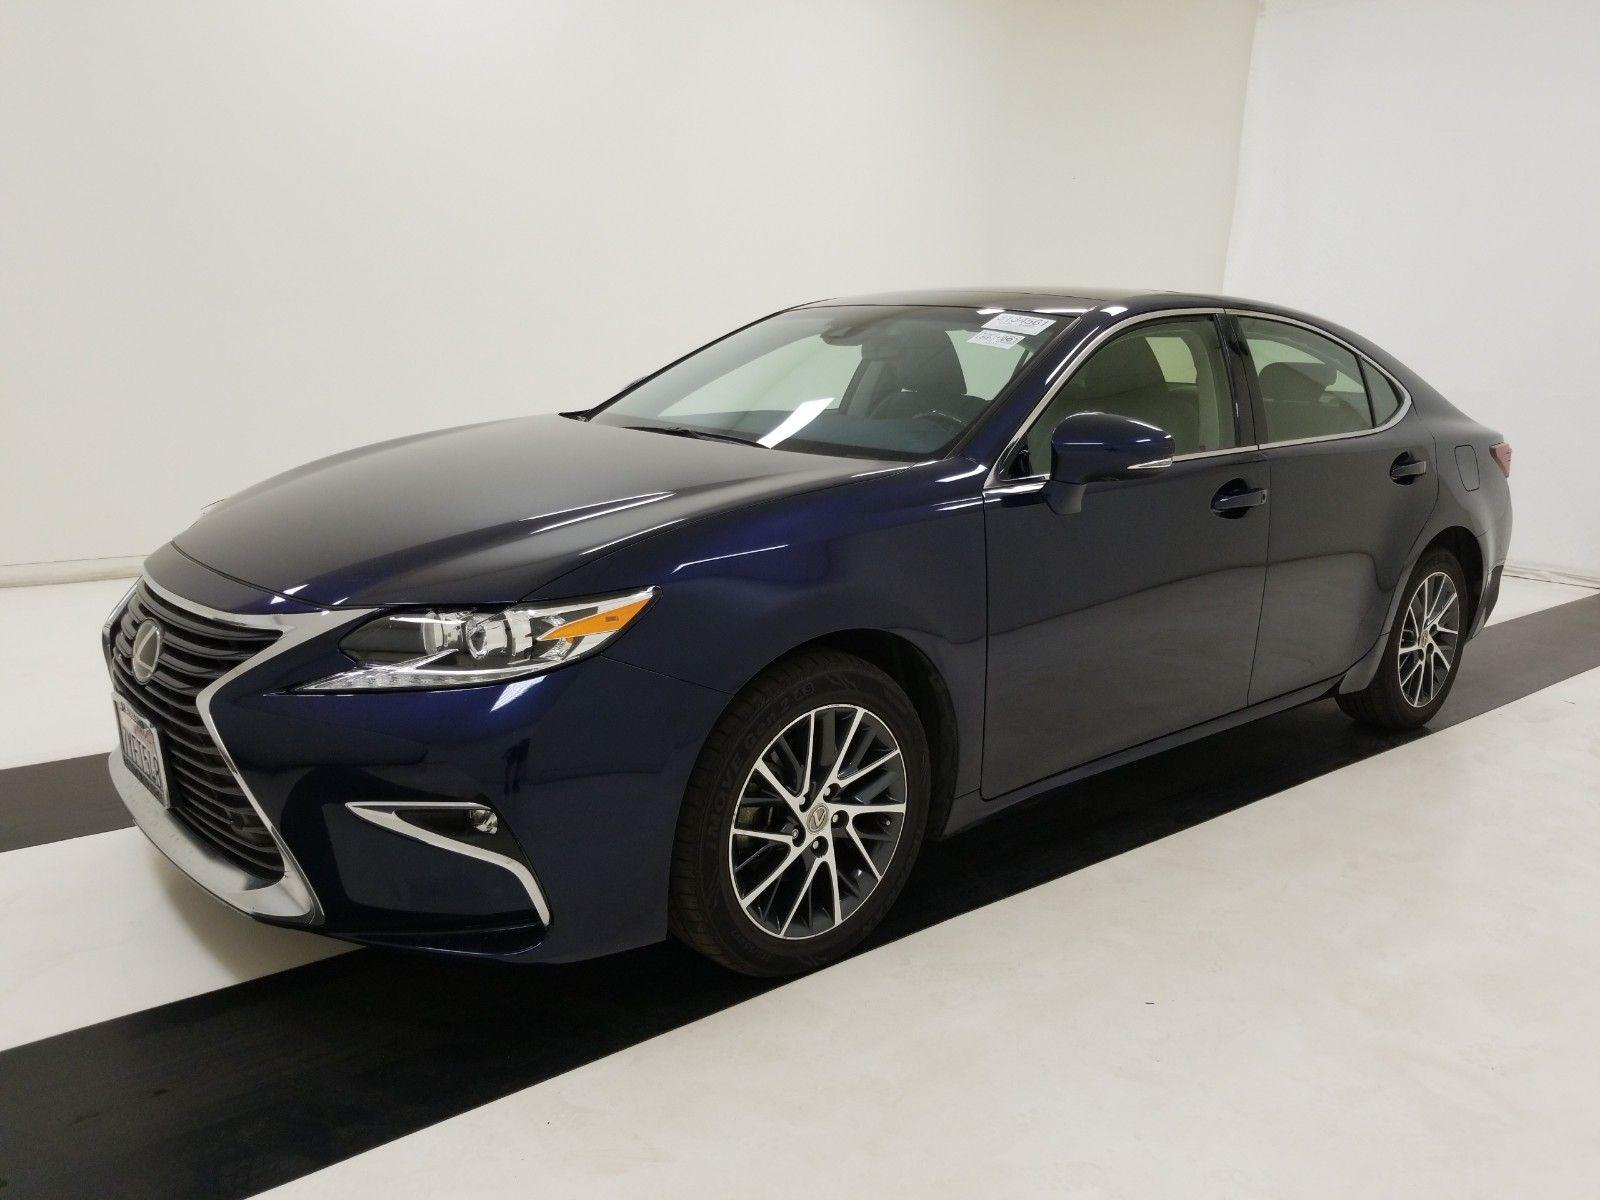 2017 Lexus ES 3.5. Lot 99913868331 Vin JTHBK1GG3H2257566